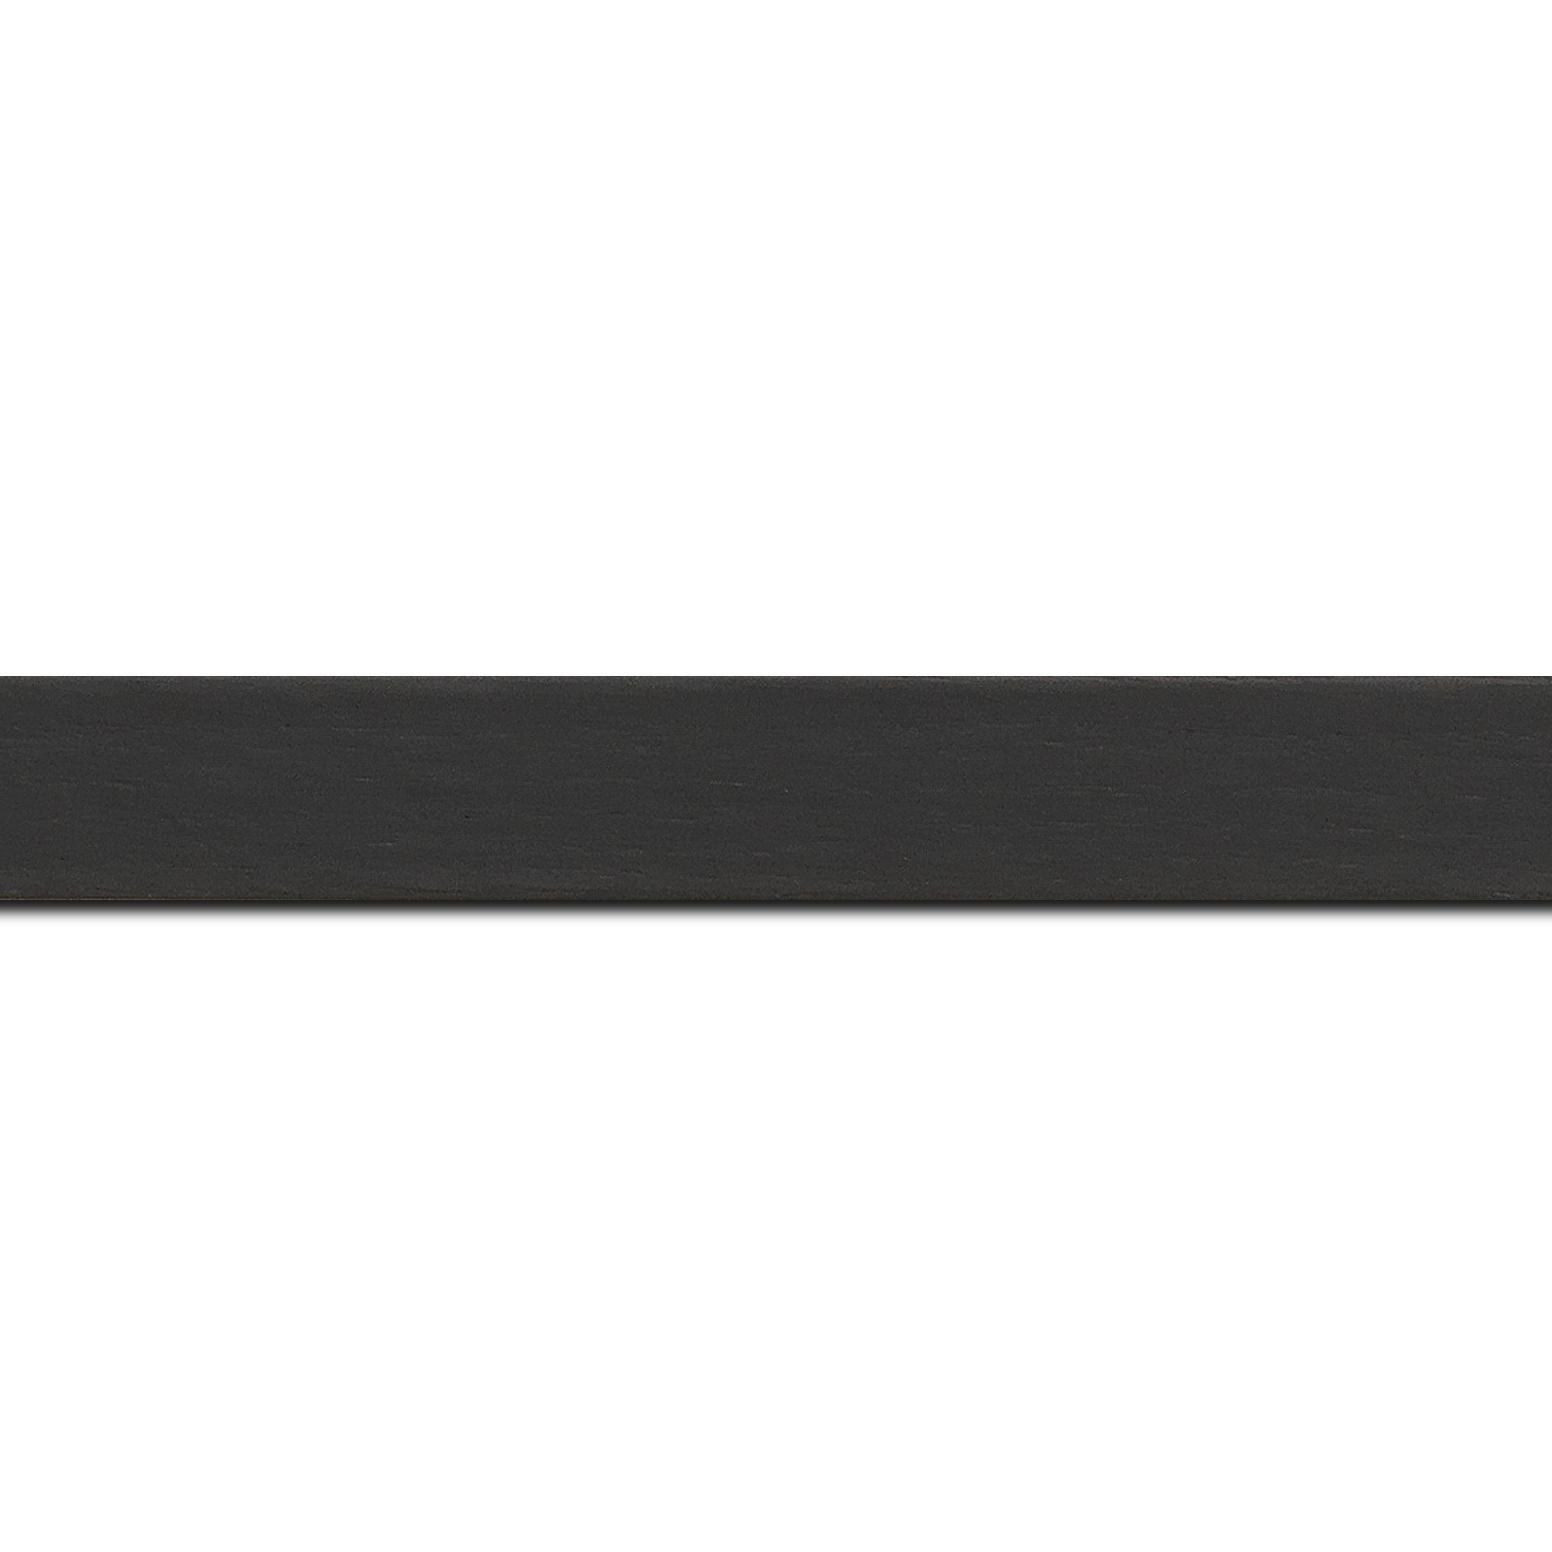 Pack par 12m, bois profil plat largeur 2.1cm hauteur 3.1cm plaquage haut de gamme chêne teinté noir(longueur baguette pouvant varier entre 2.40m et 3m selon arrivage des bois)